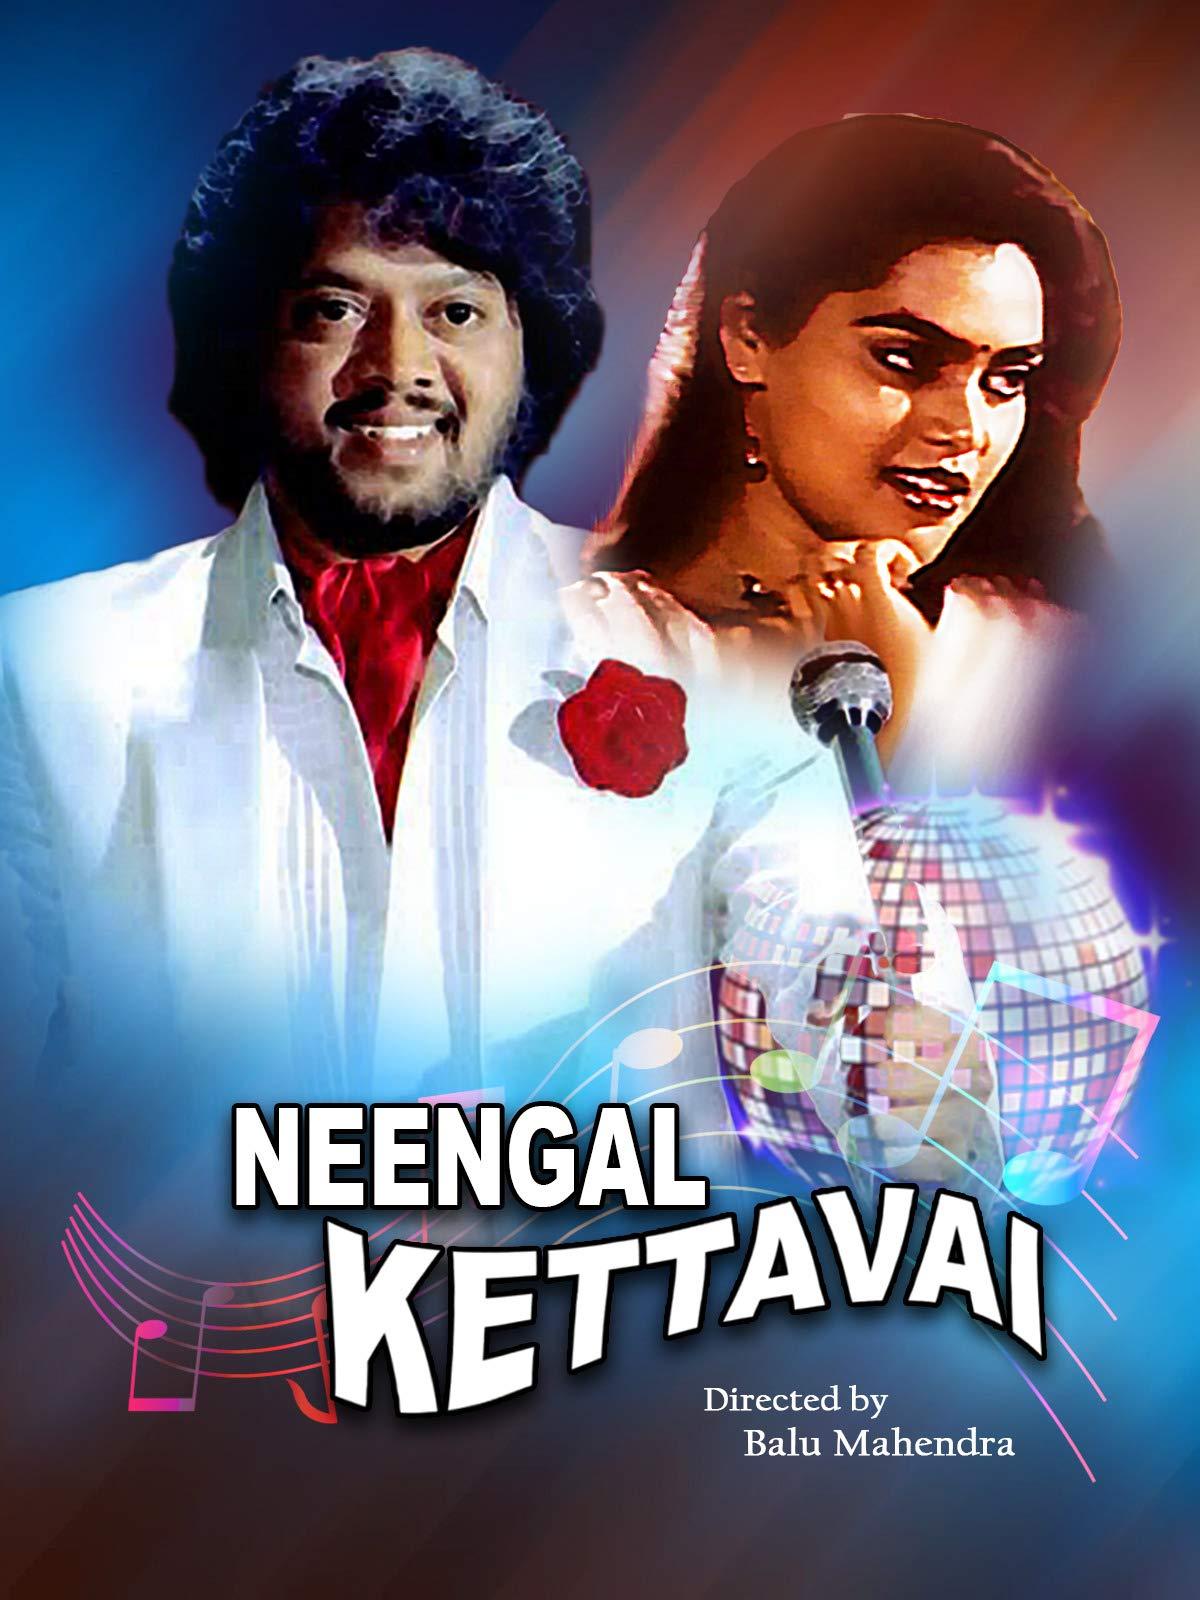 Neengal Kettavai (Tamil Language, English Subtitled)